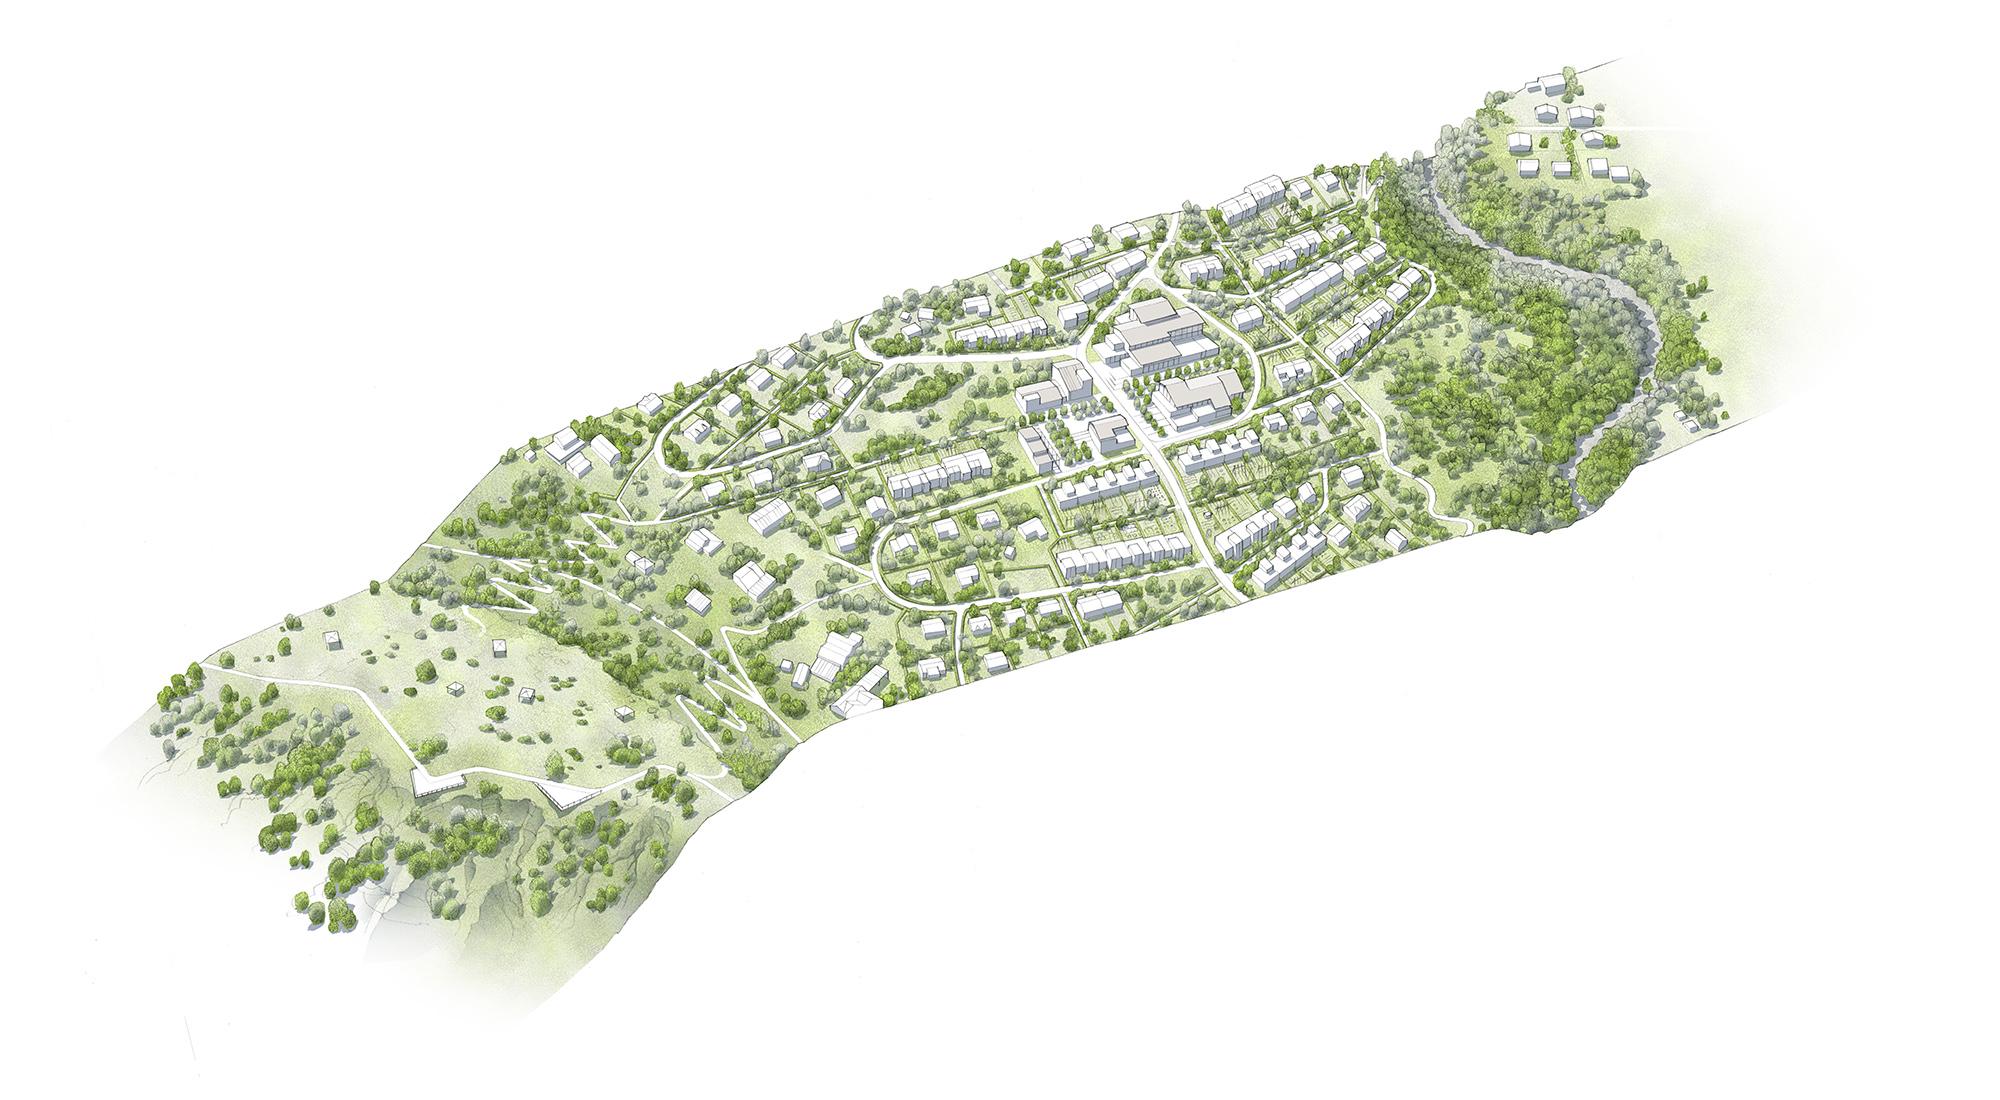 L'urbanisme agricole : un modèle original